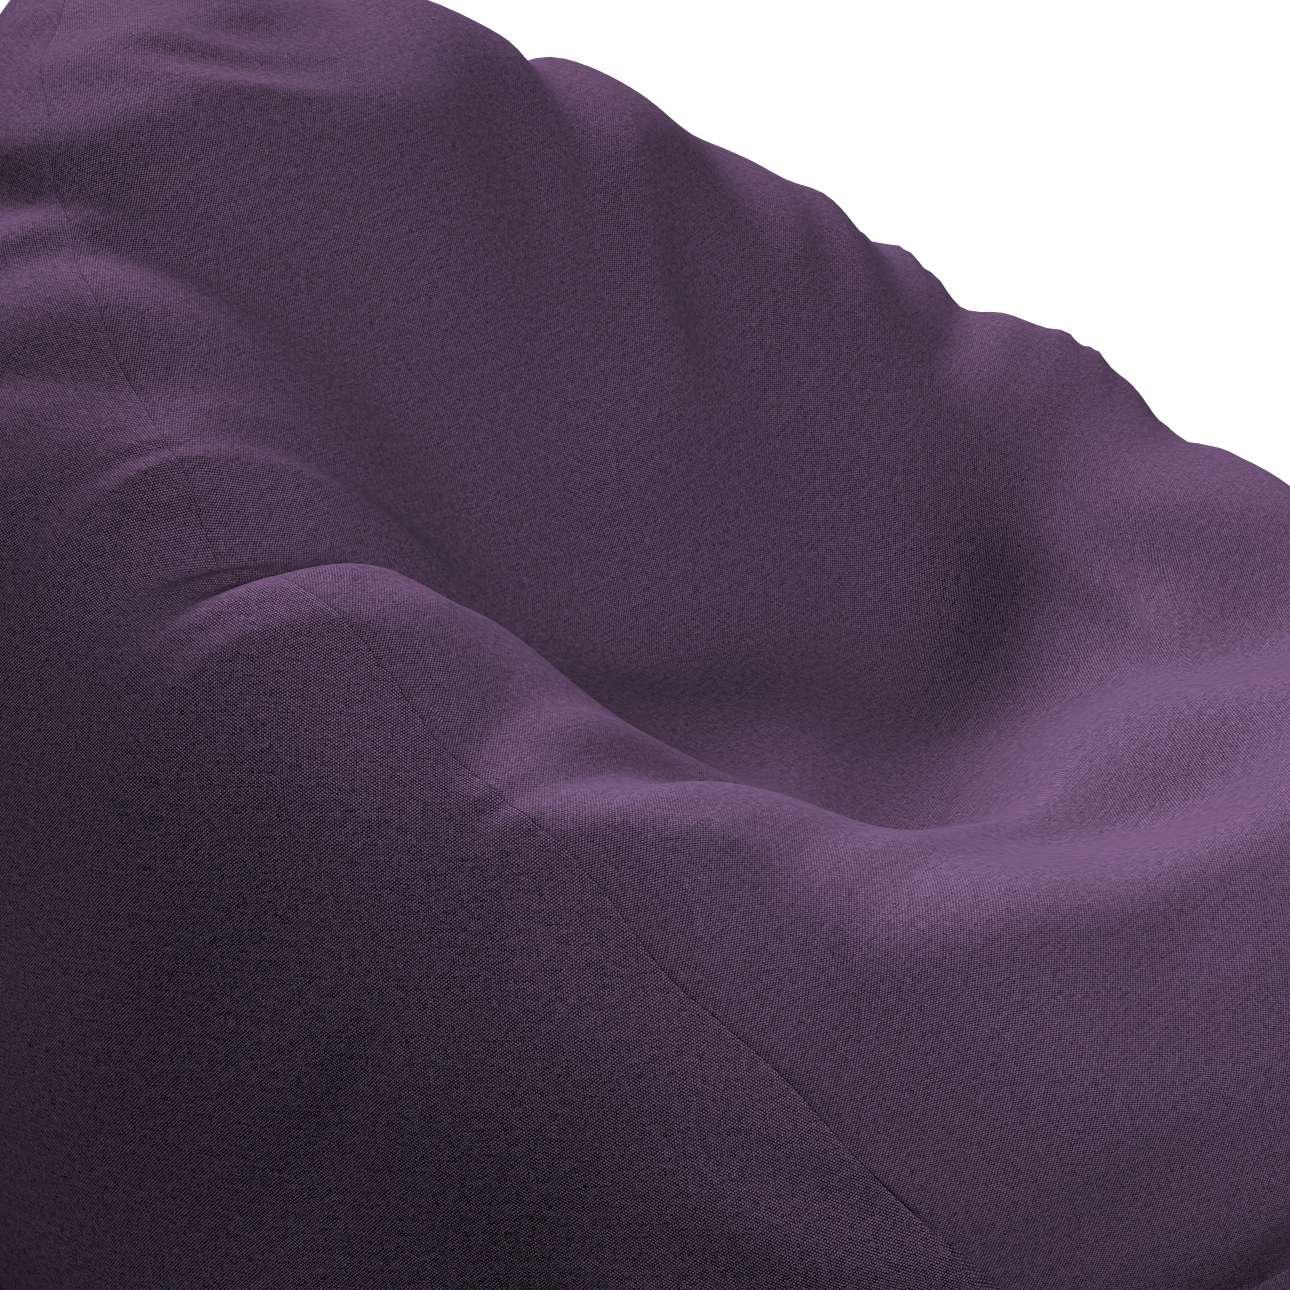 Pokrowiec na worek do siedzenia w kolekcji Etna, tkanina: 161-27